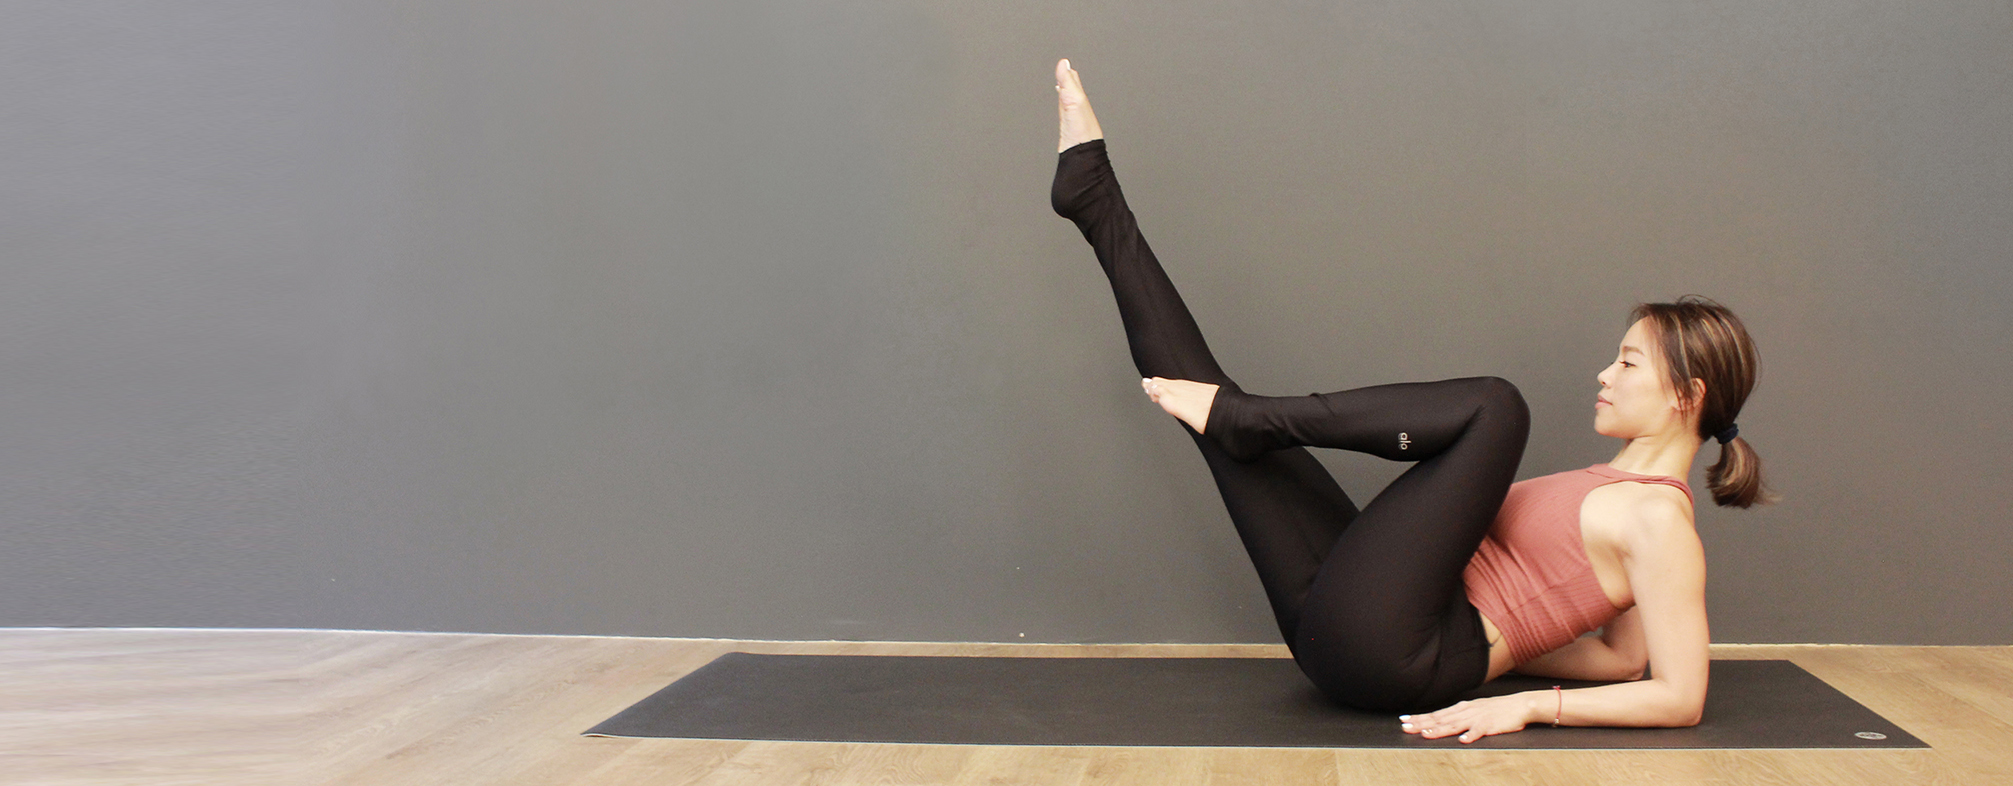 Yoga Journey  yoga core